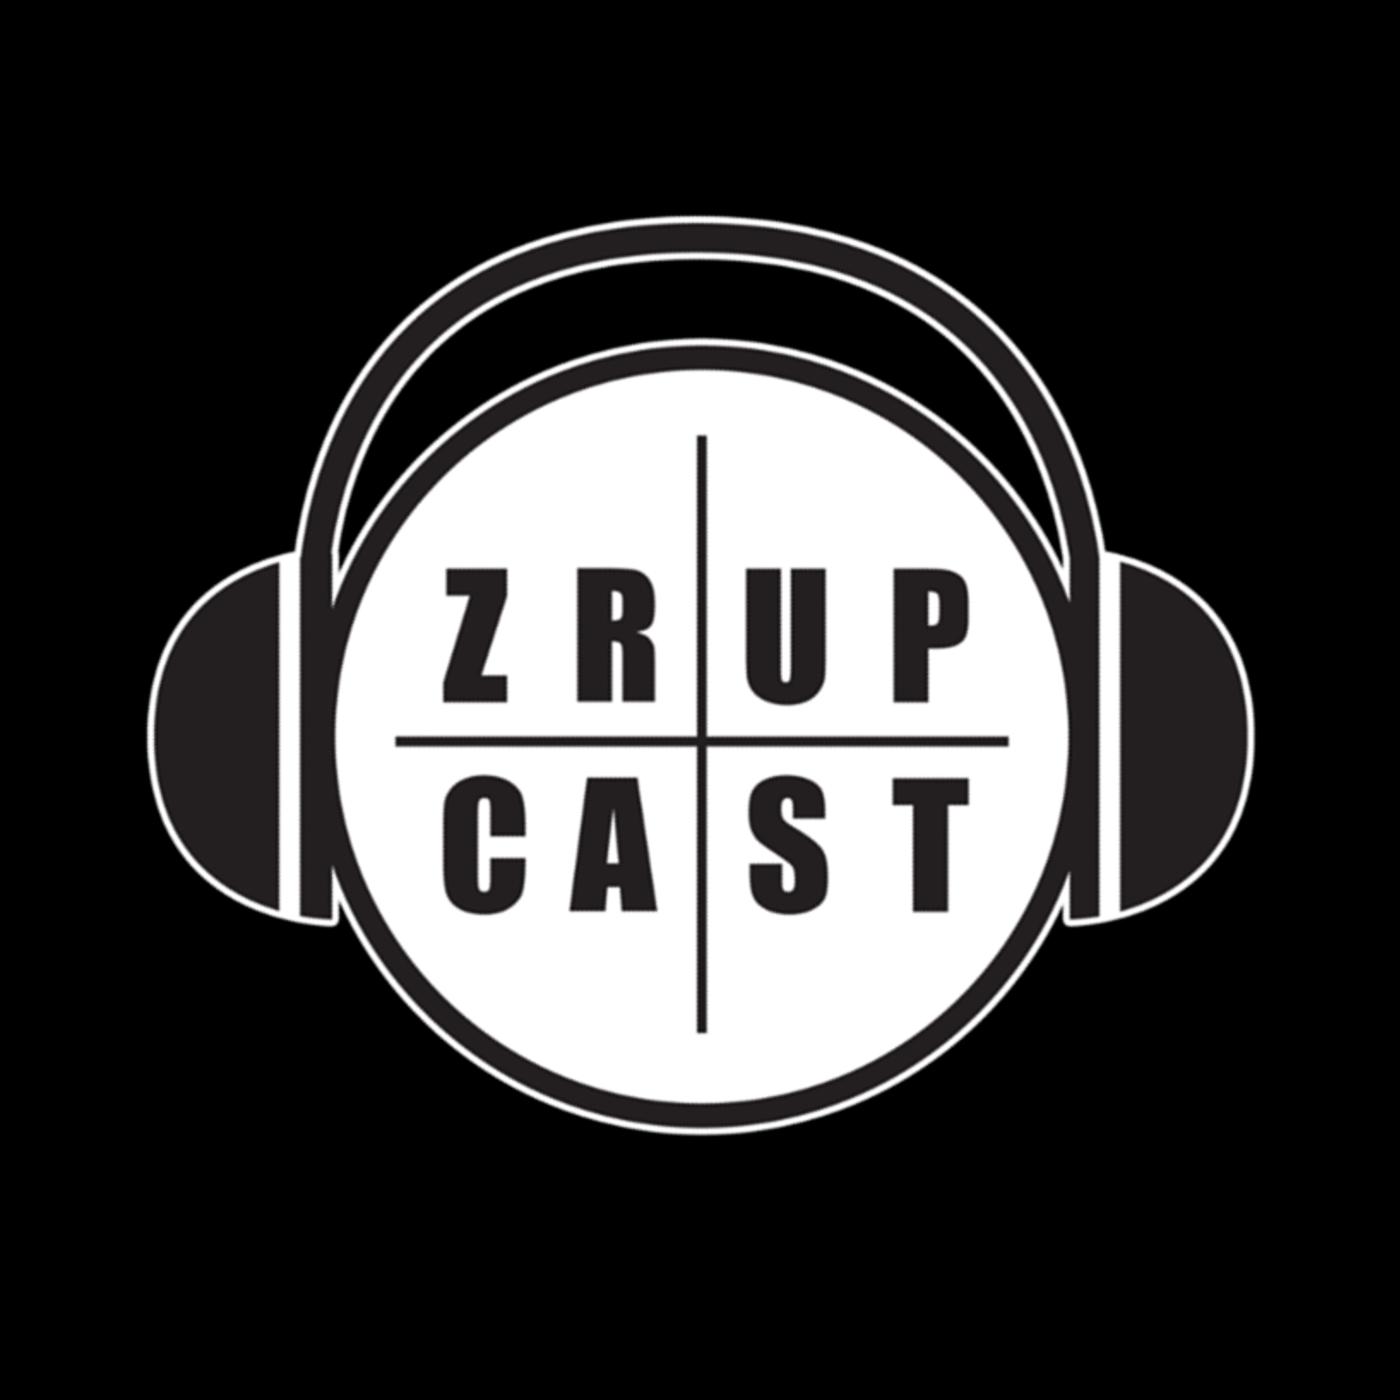 Miłość w Czasach Zarazy | Janusz Schwertner | ZRUPcast #45